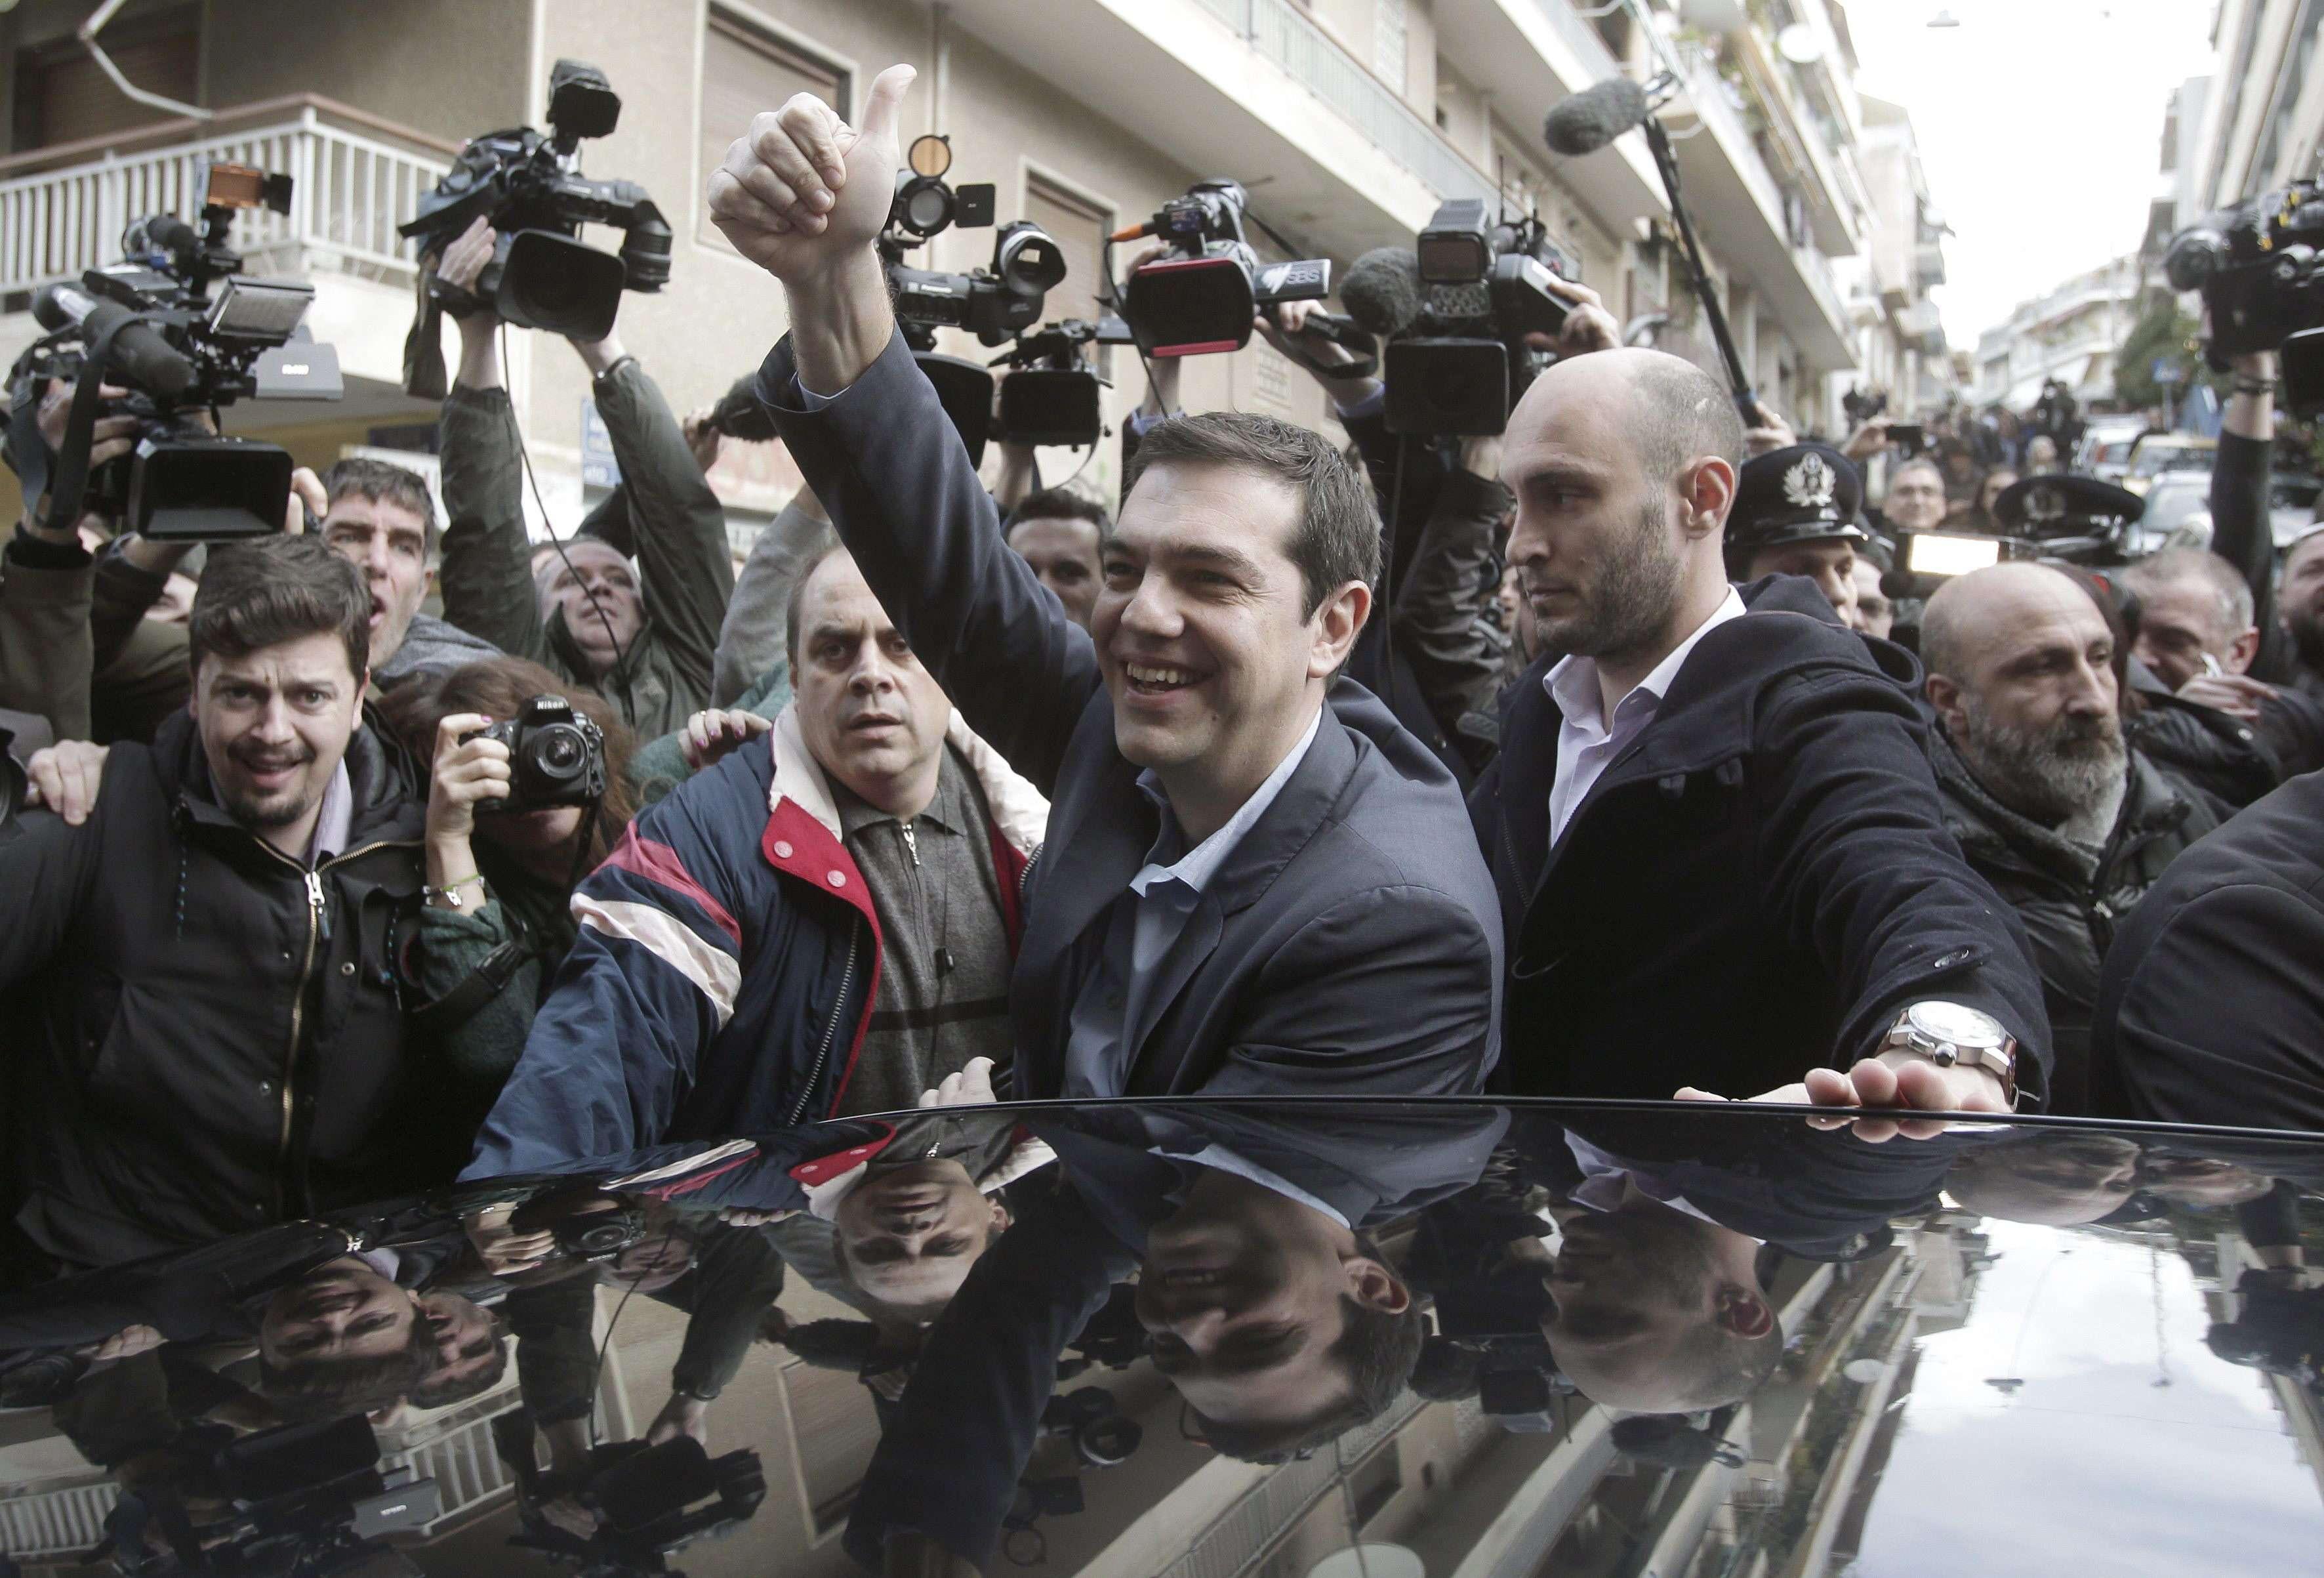 Alexis Tsipras (c), líder del partido izquierdista Syriza, tras salir de un centro de votación en Atenas, Grecia. Foto: EFE en español